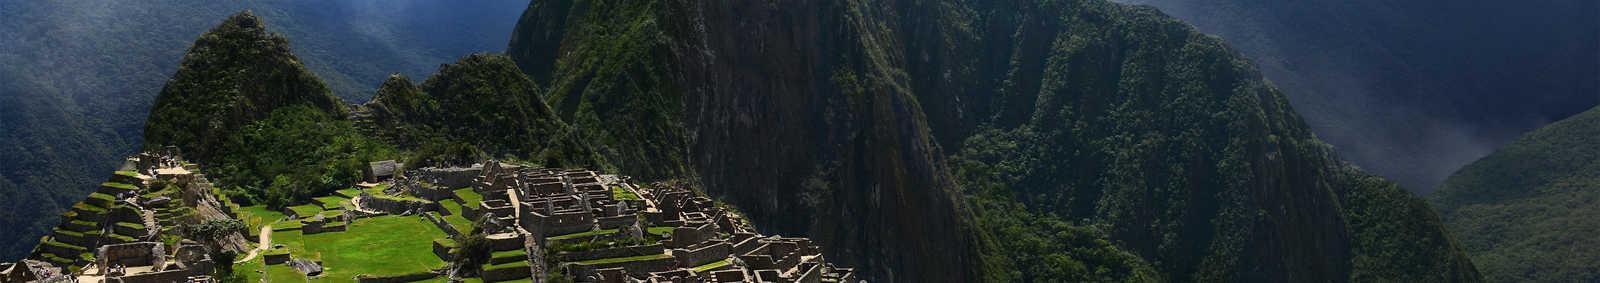 Dramatic sky over Machu Picchu